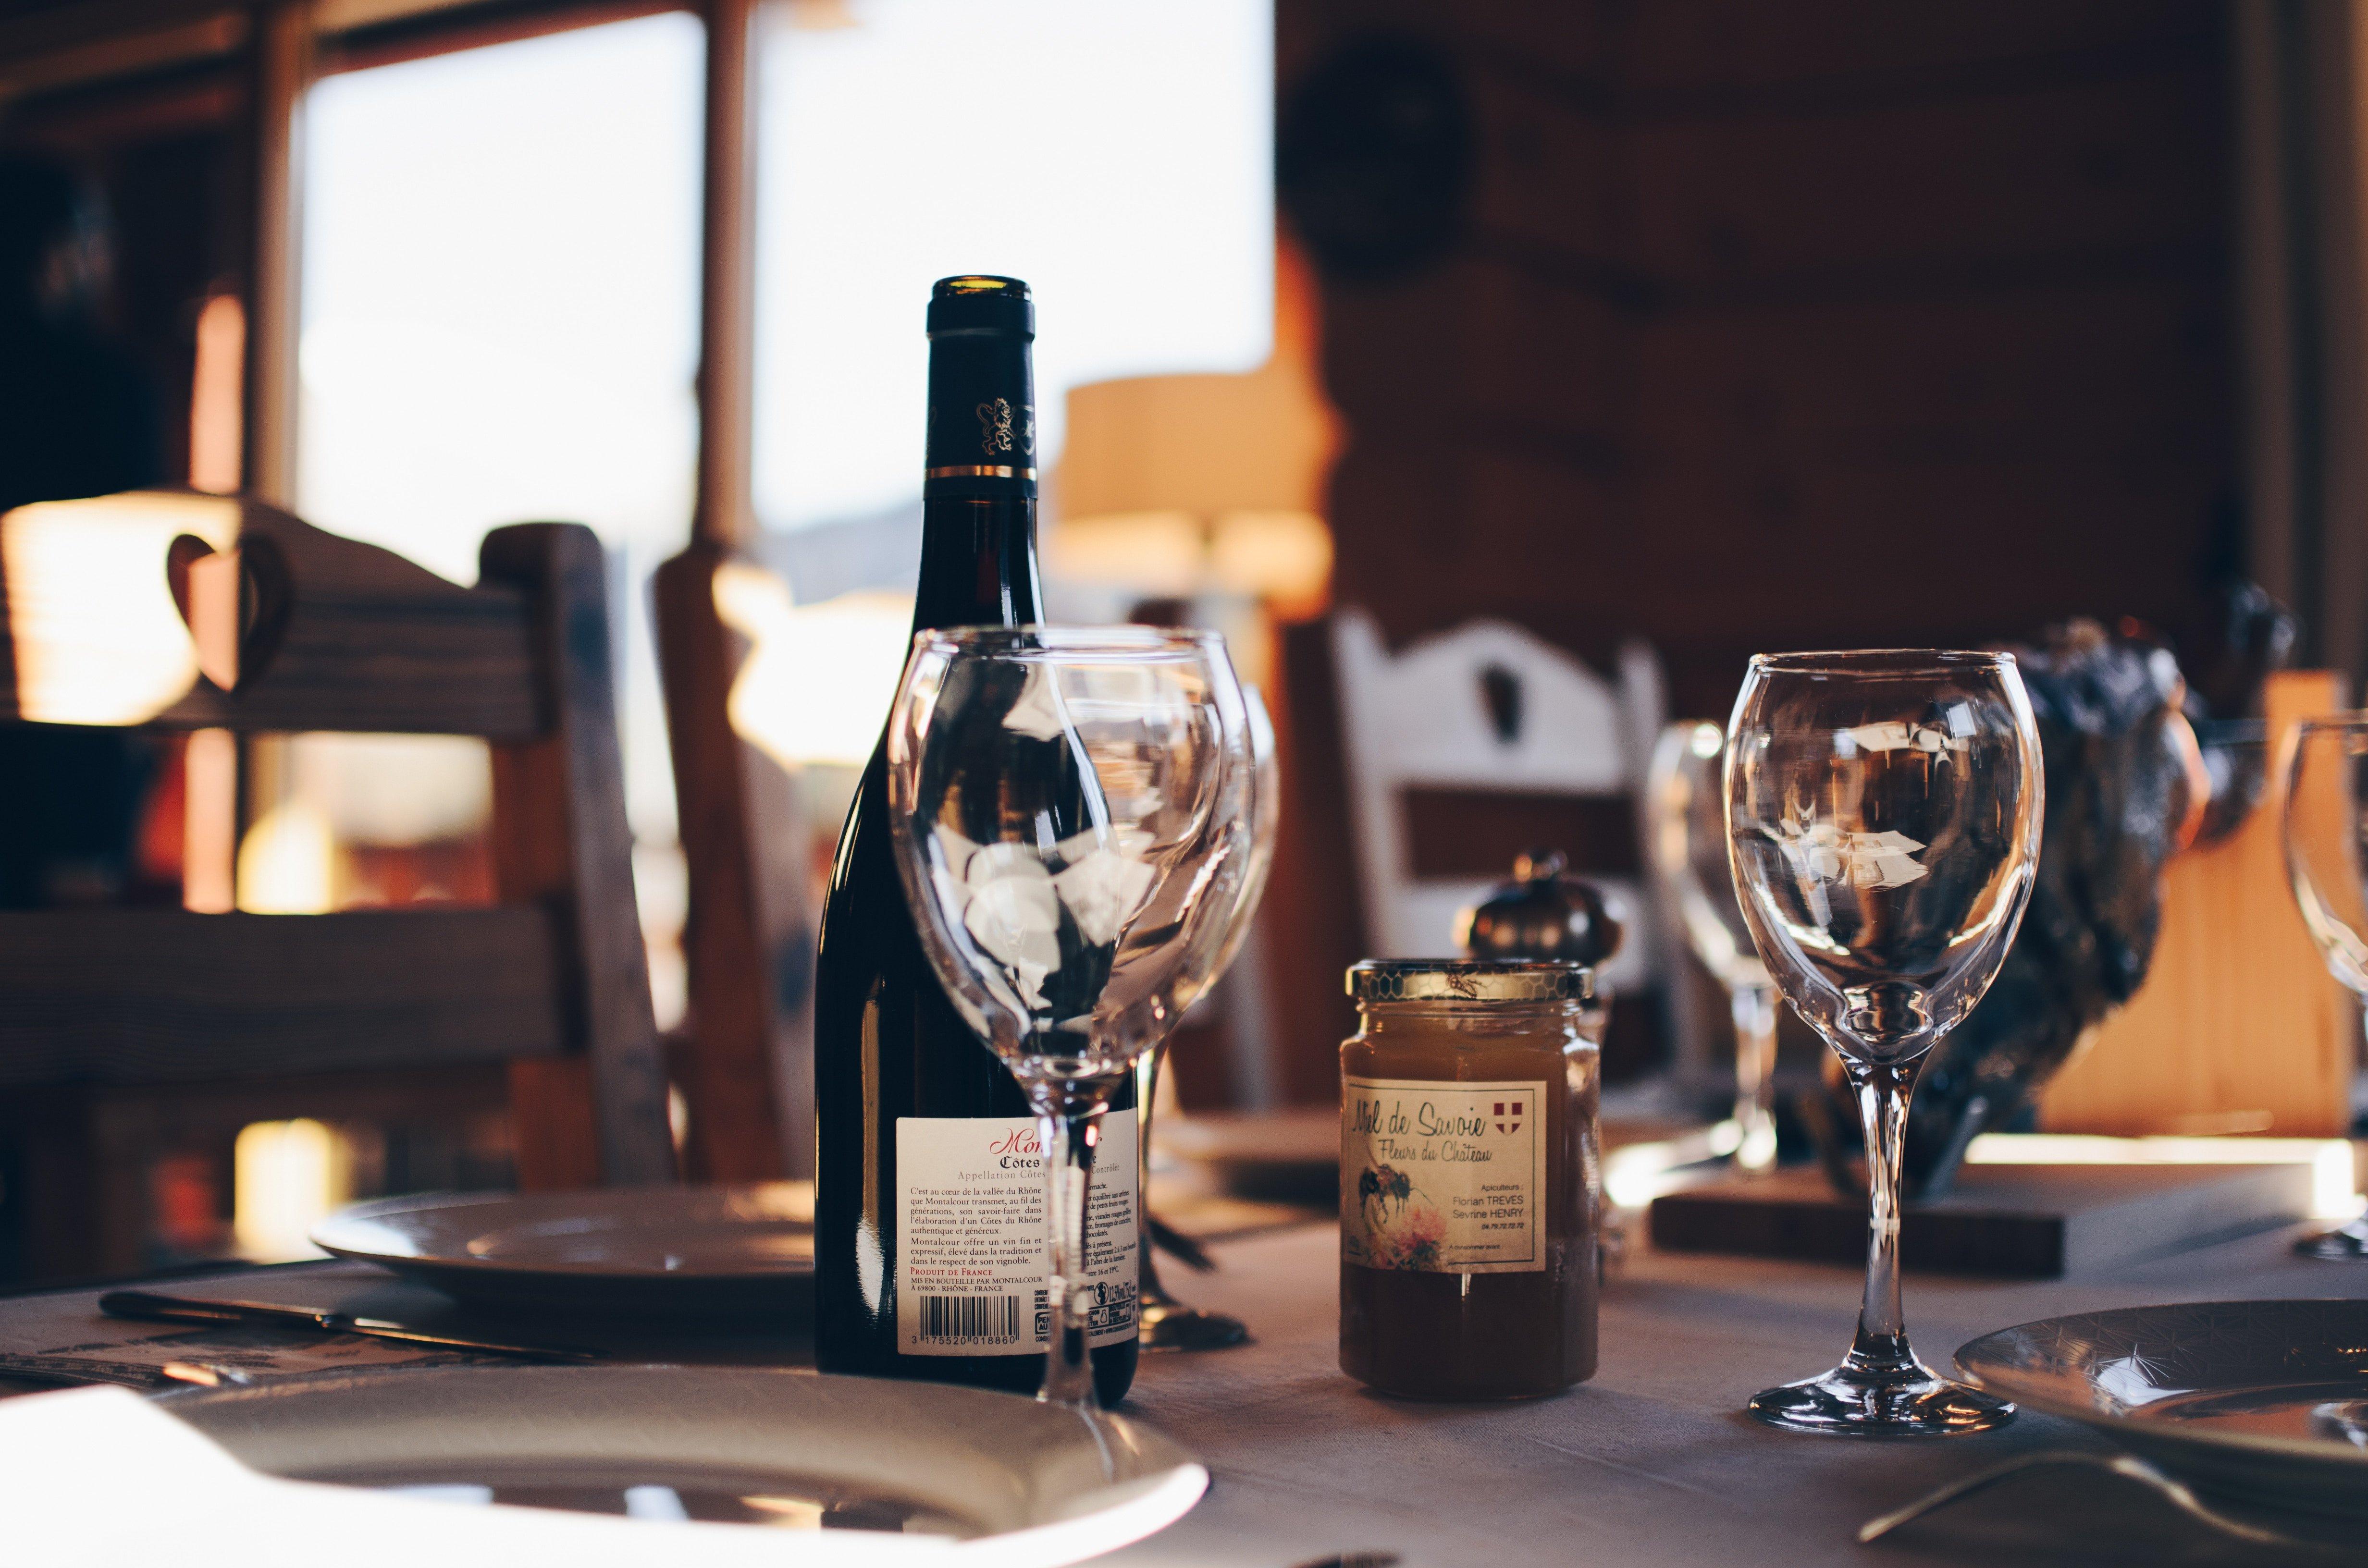 Une photo de deux verres à vin vides et d'une bouteille de vin | Source : Unsplash